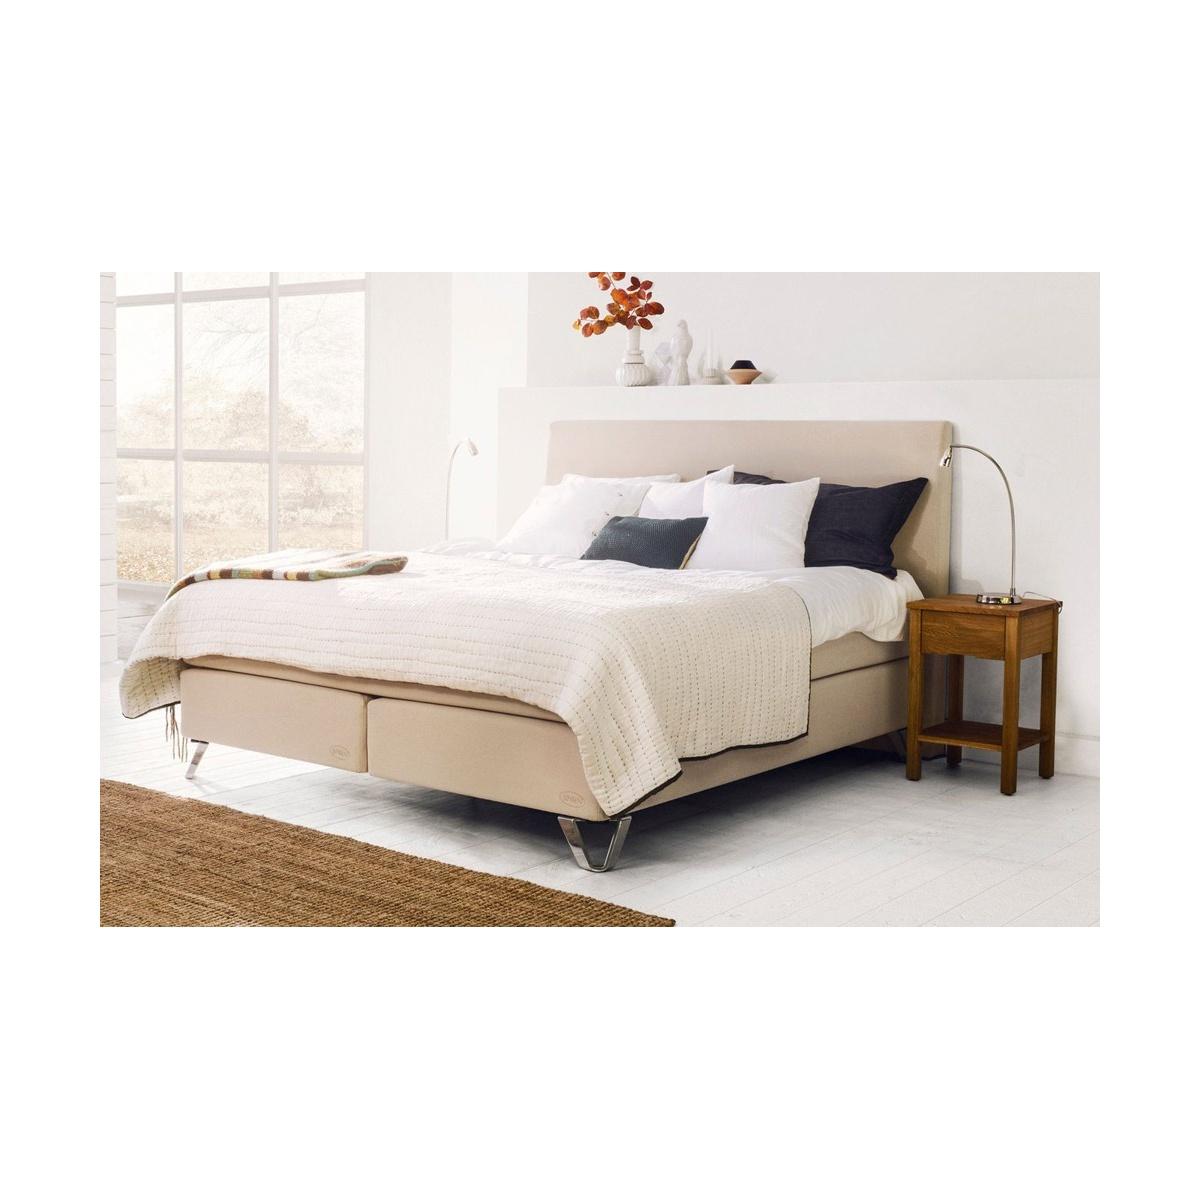 ko kontynentalne ambassador continental jensen. Black Bedroom Furniture Sets. Home Design Ideas